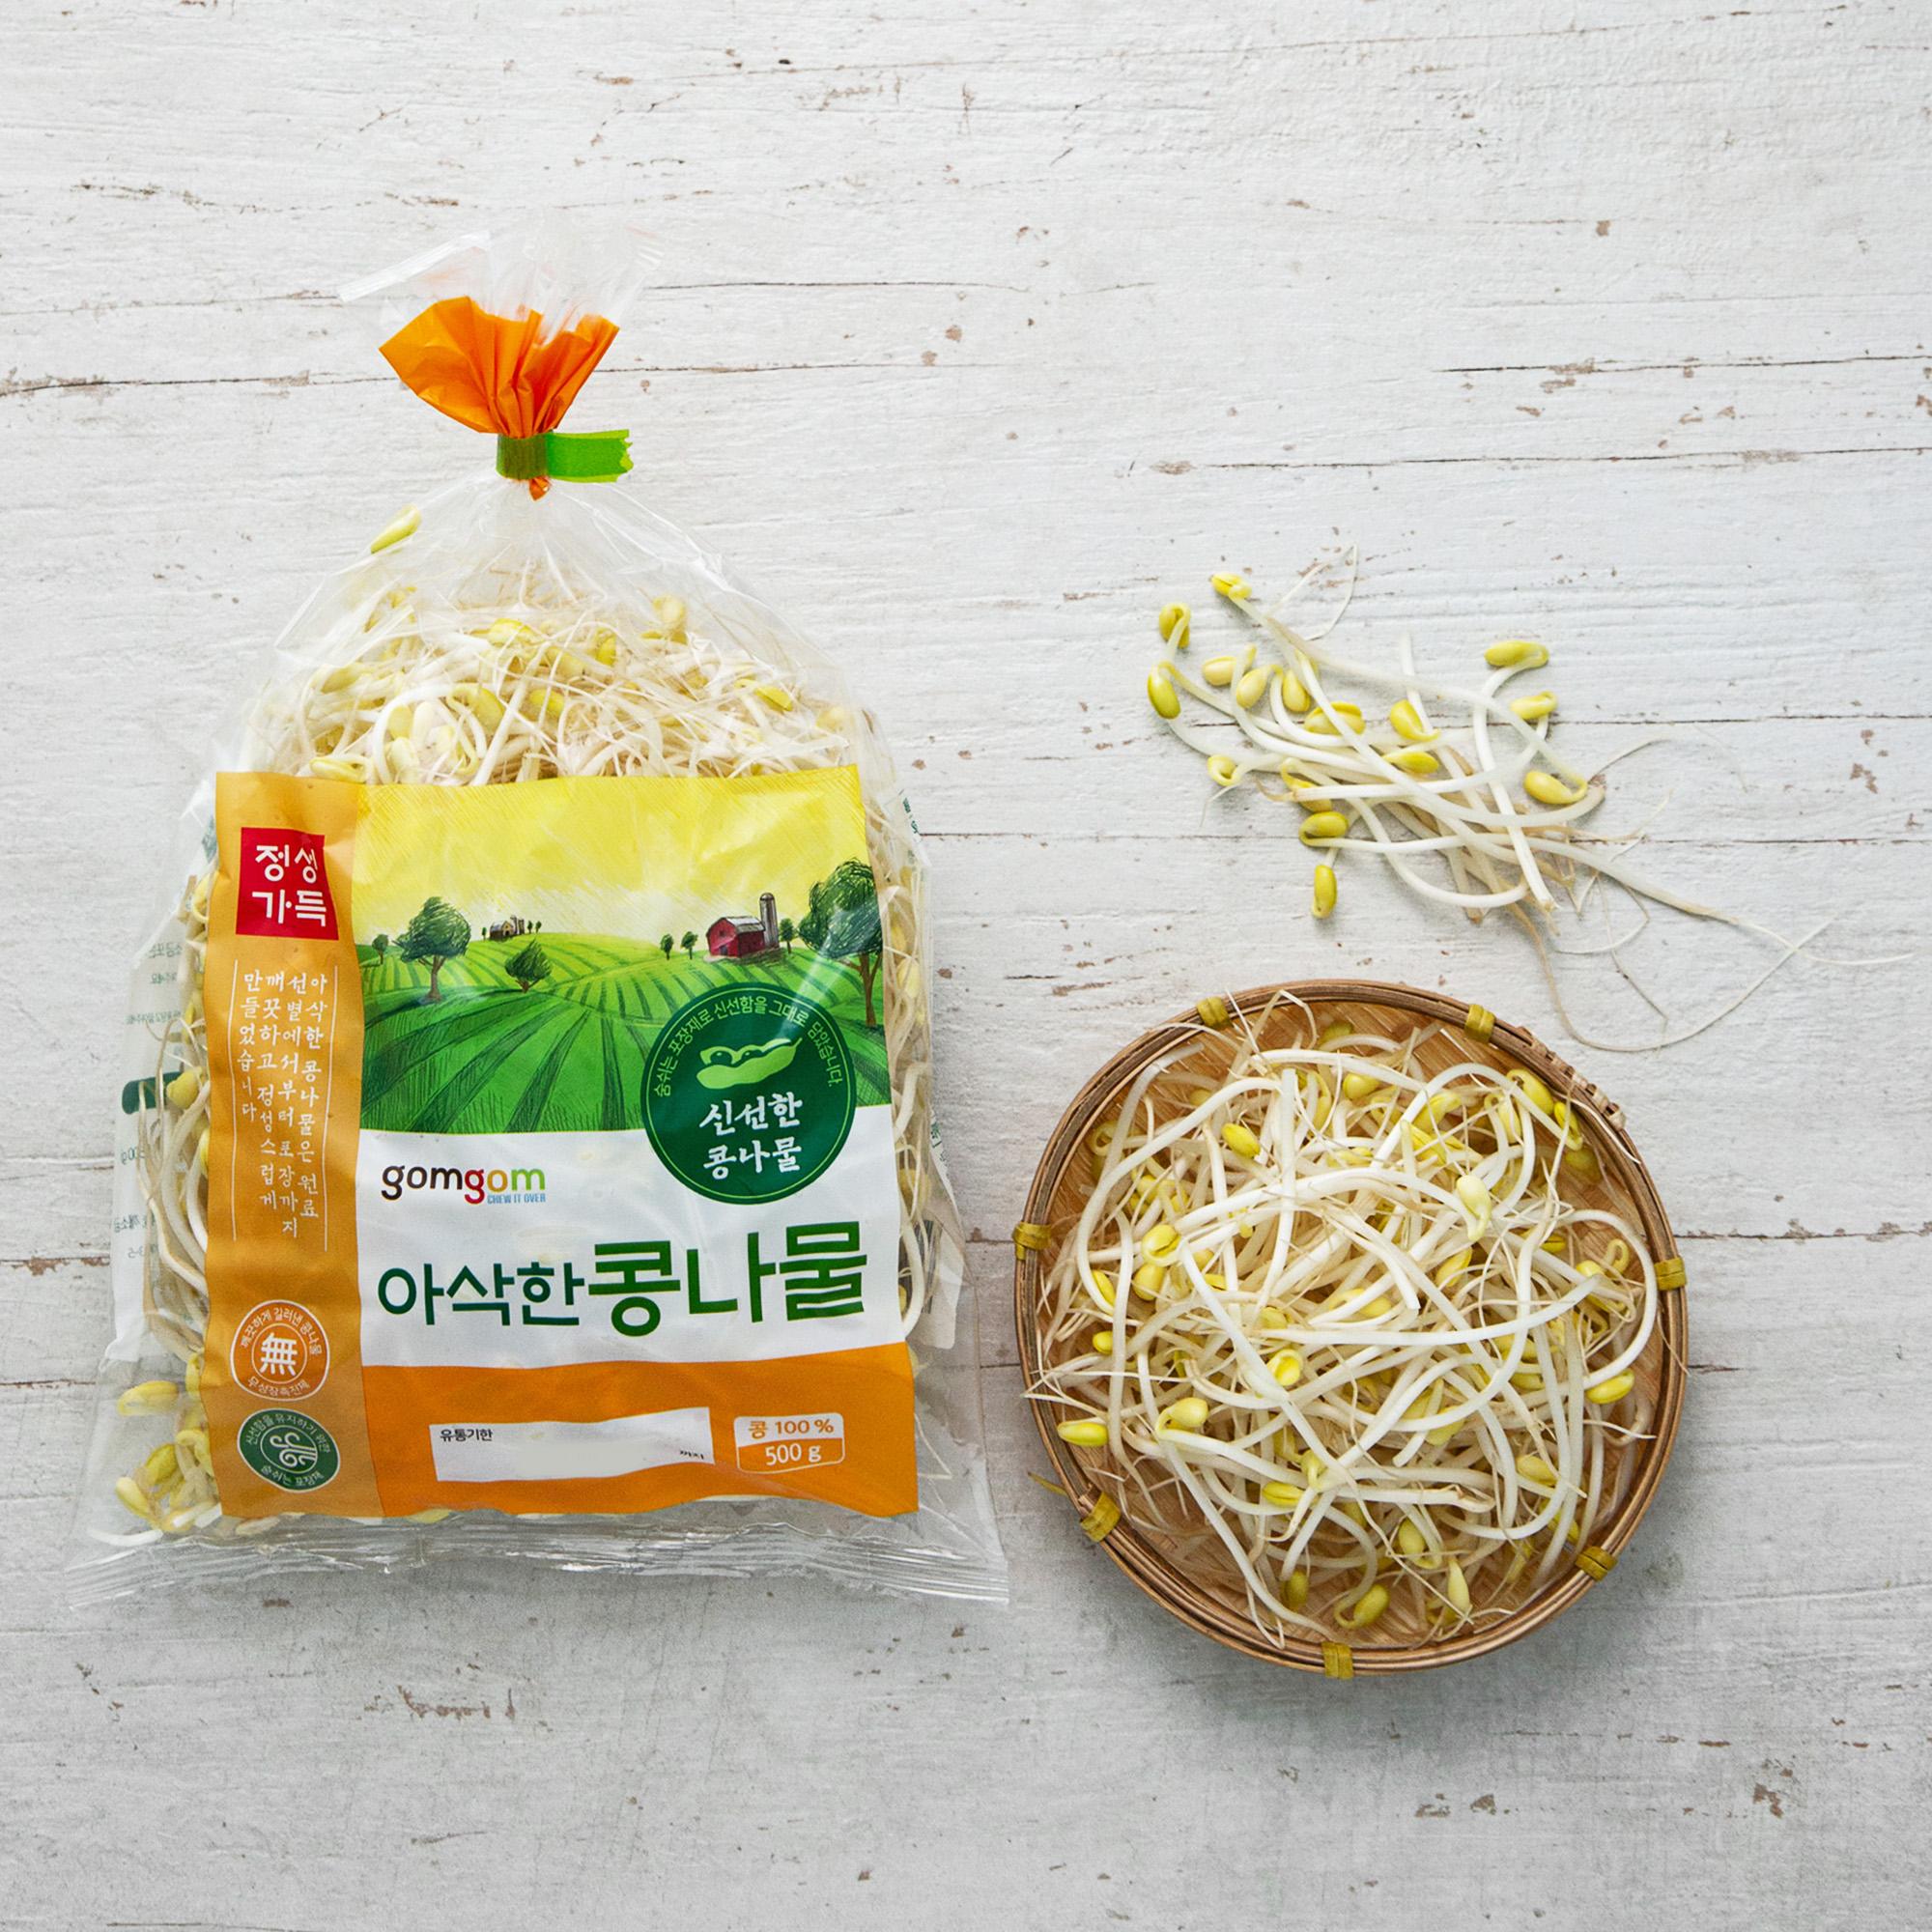 곰곰 아삭한 콩나물, 500g, 1봉